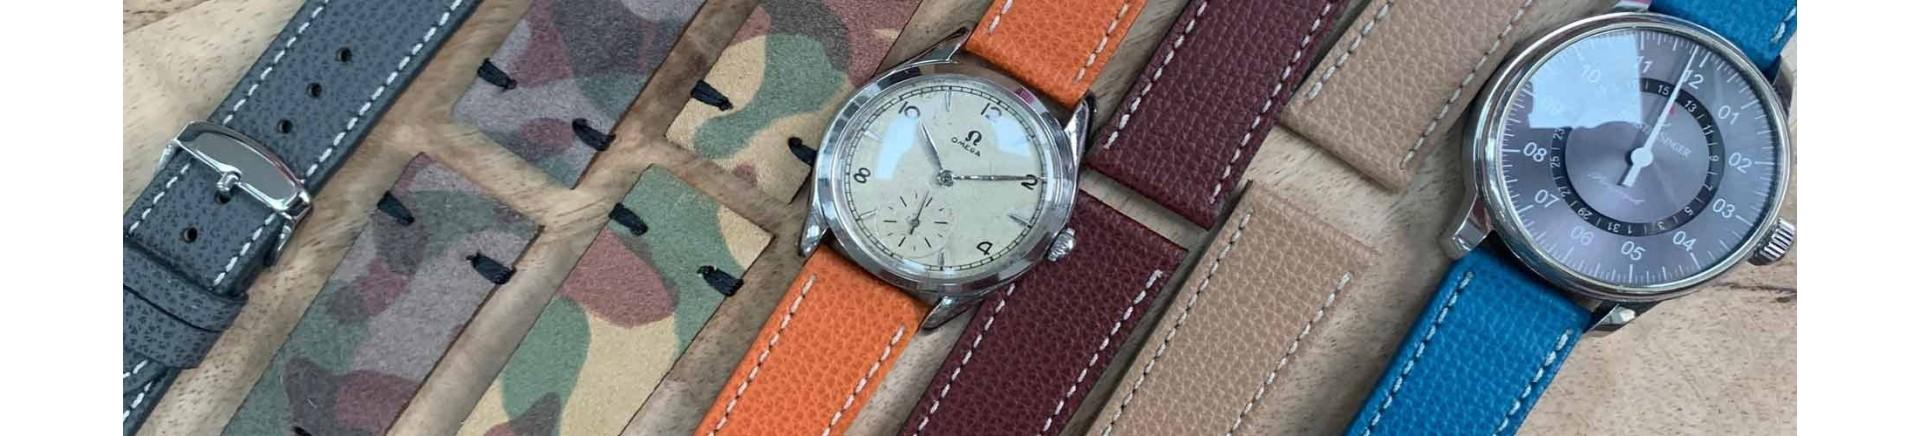 Bracelets Atelier 20mm